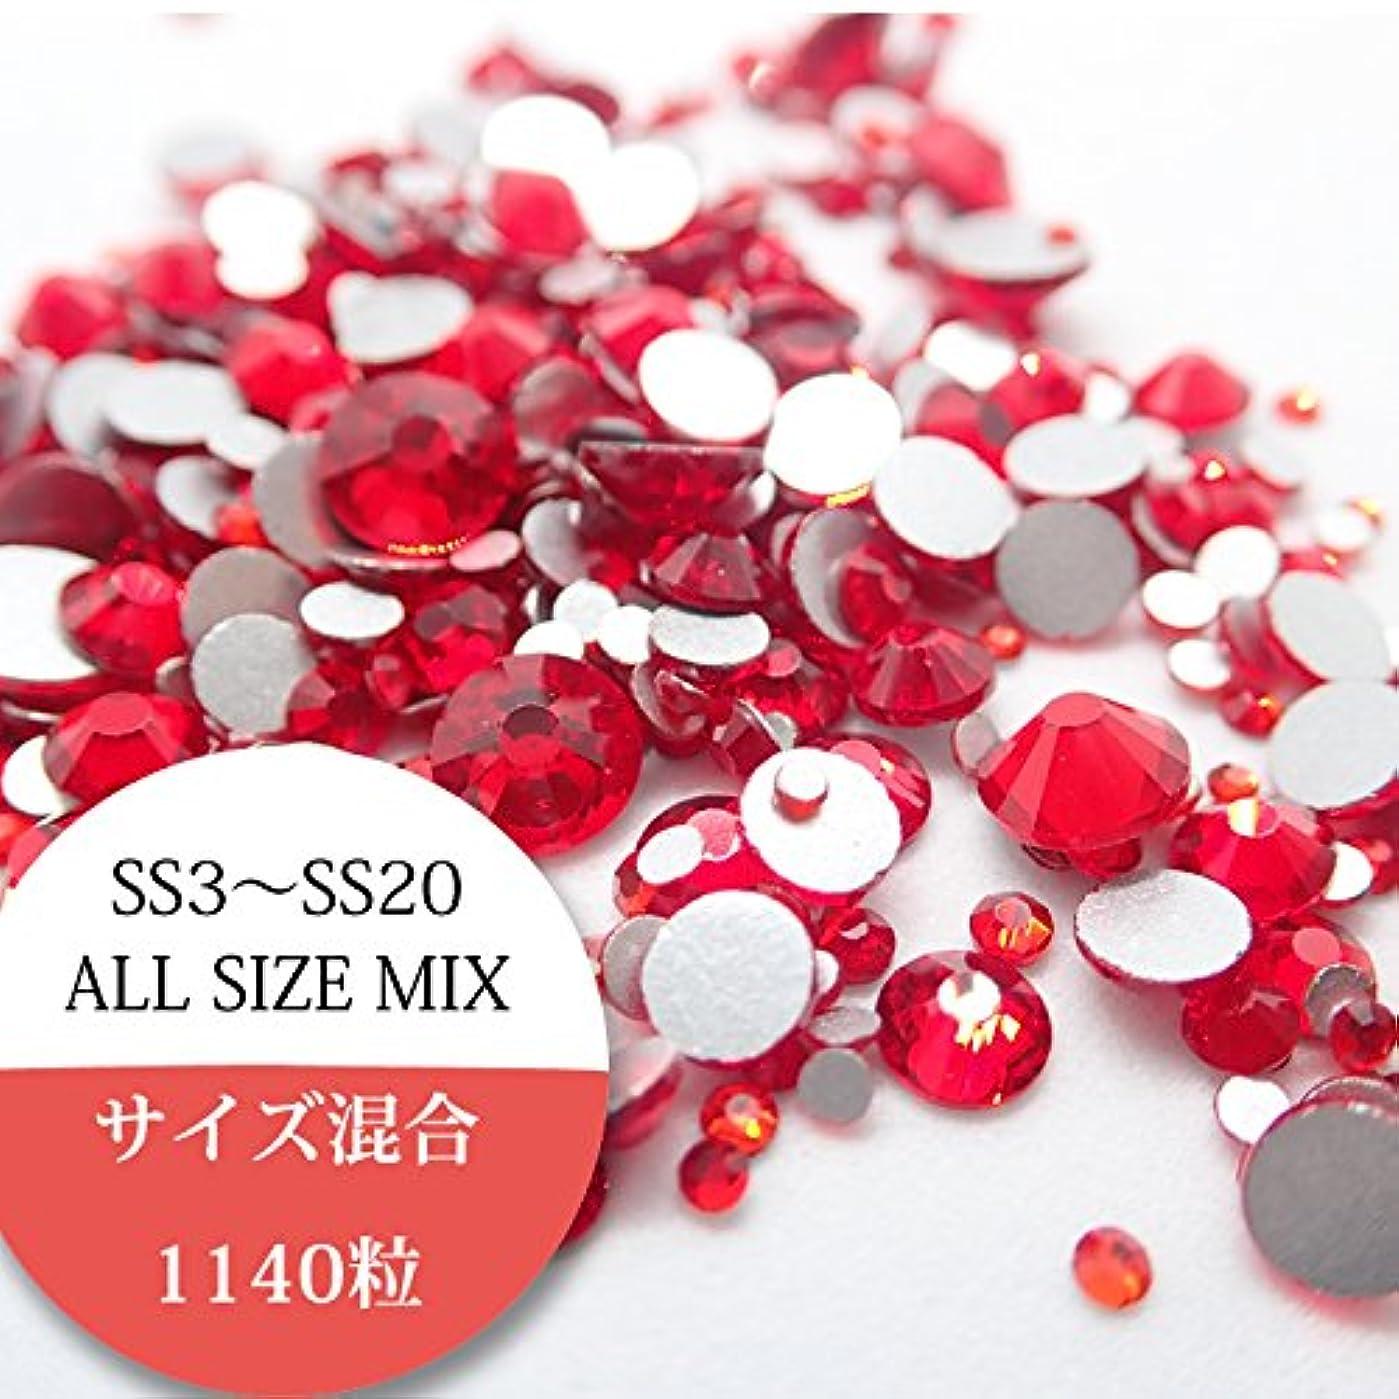 入射バブル以来スワロ代用 スワロに近い輝き ライトシャム Crystal Diamond サイズミックス 1140粒 SS3 SS5 SS6 SS10 SS12 SS8 SS16 SS20